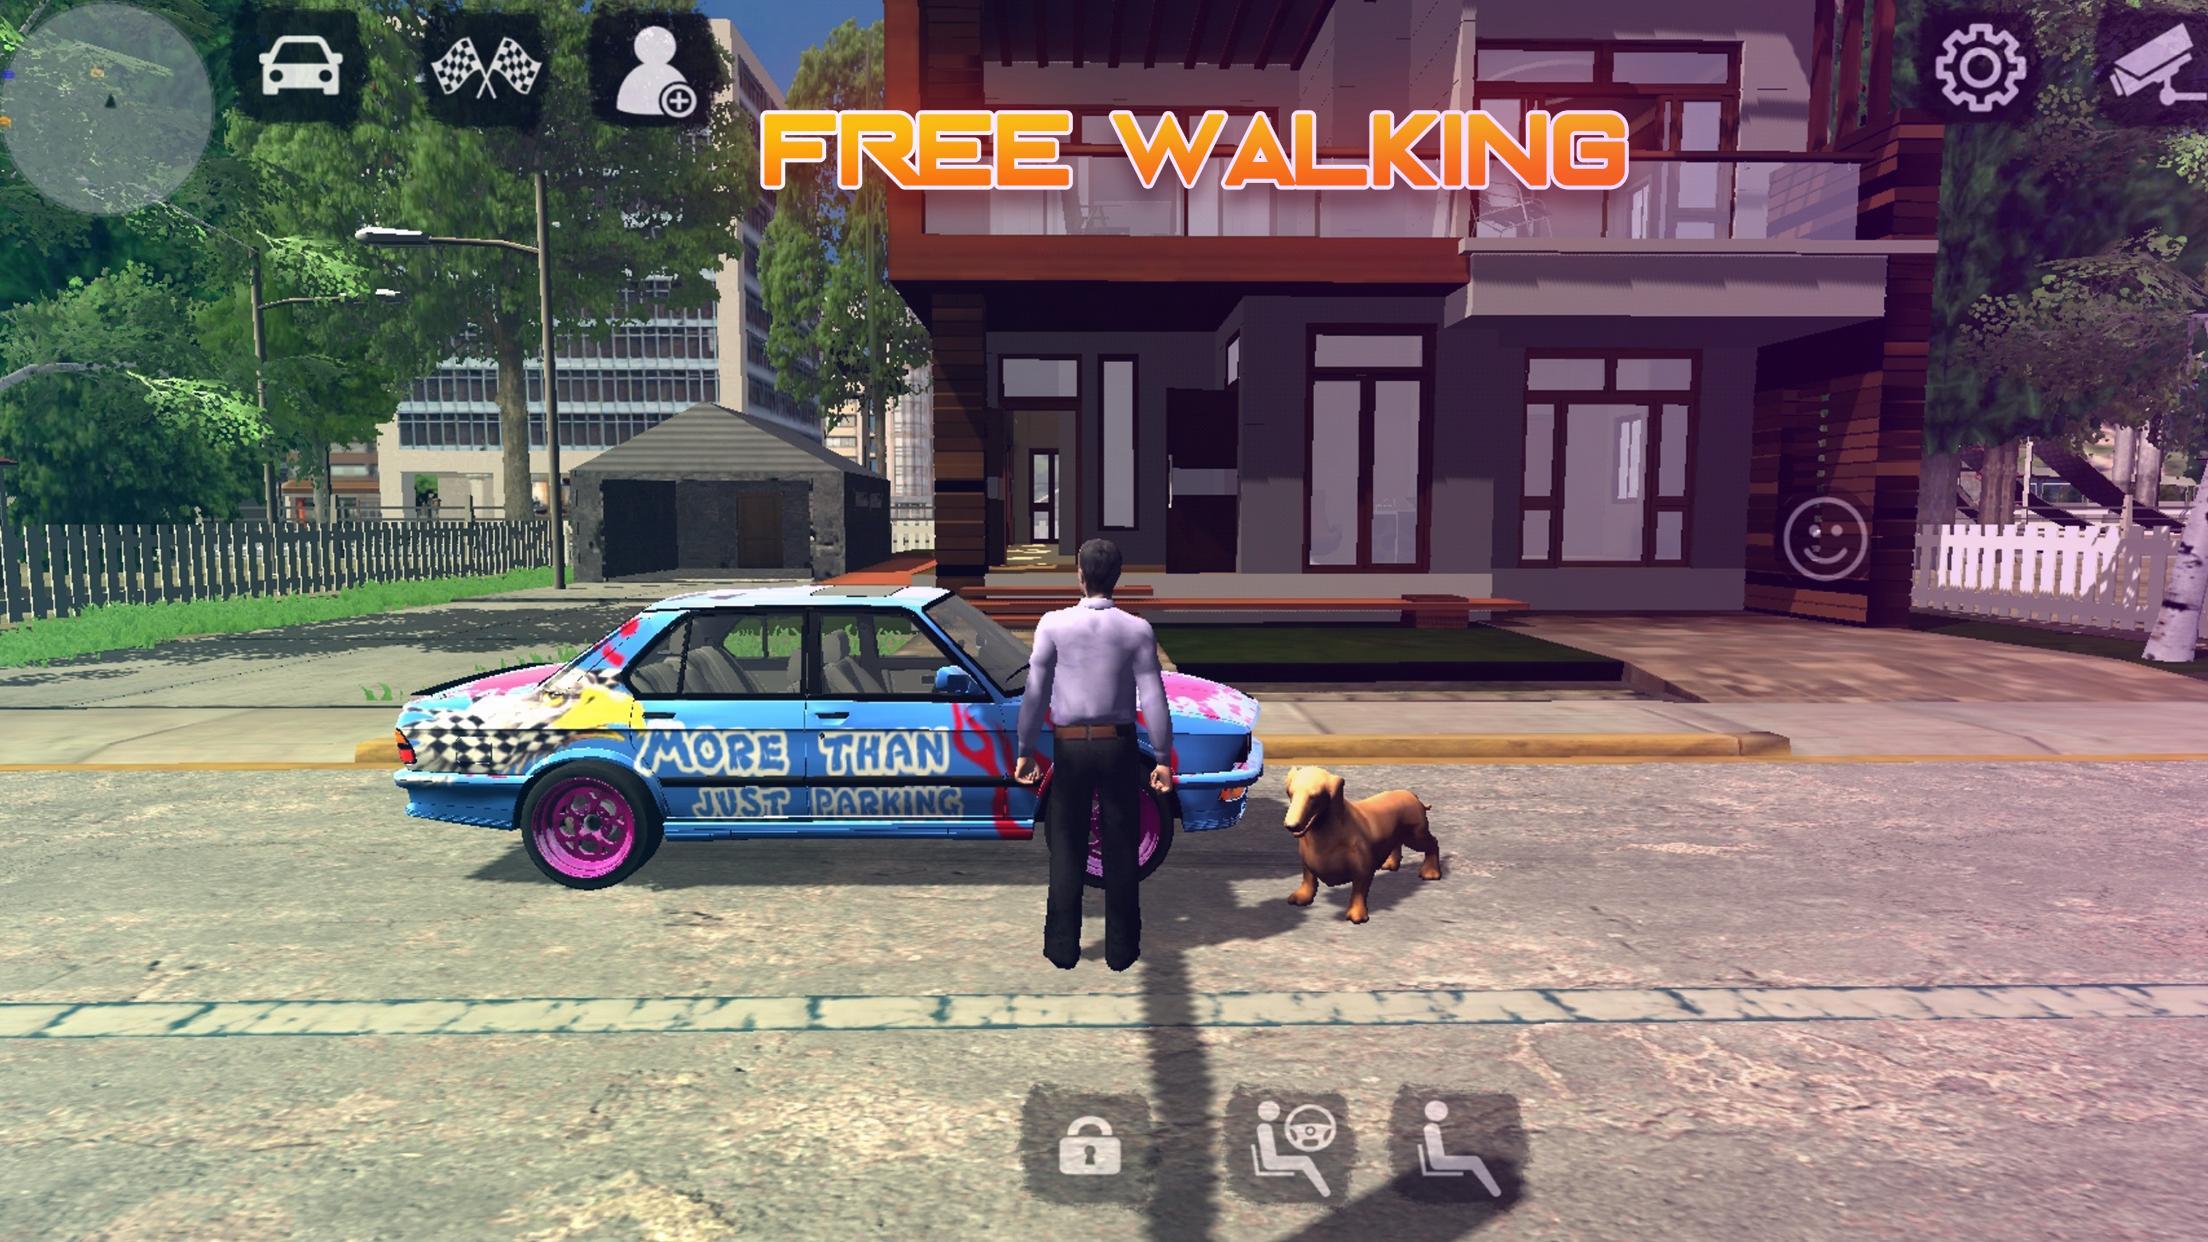 تحميل لعبة Car Parking اخر اصدار للاندرويد